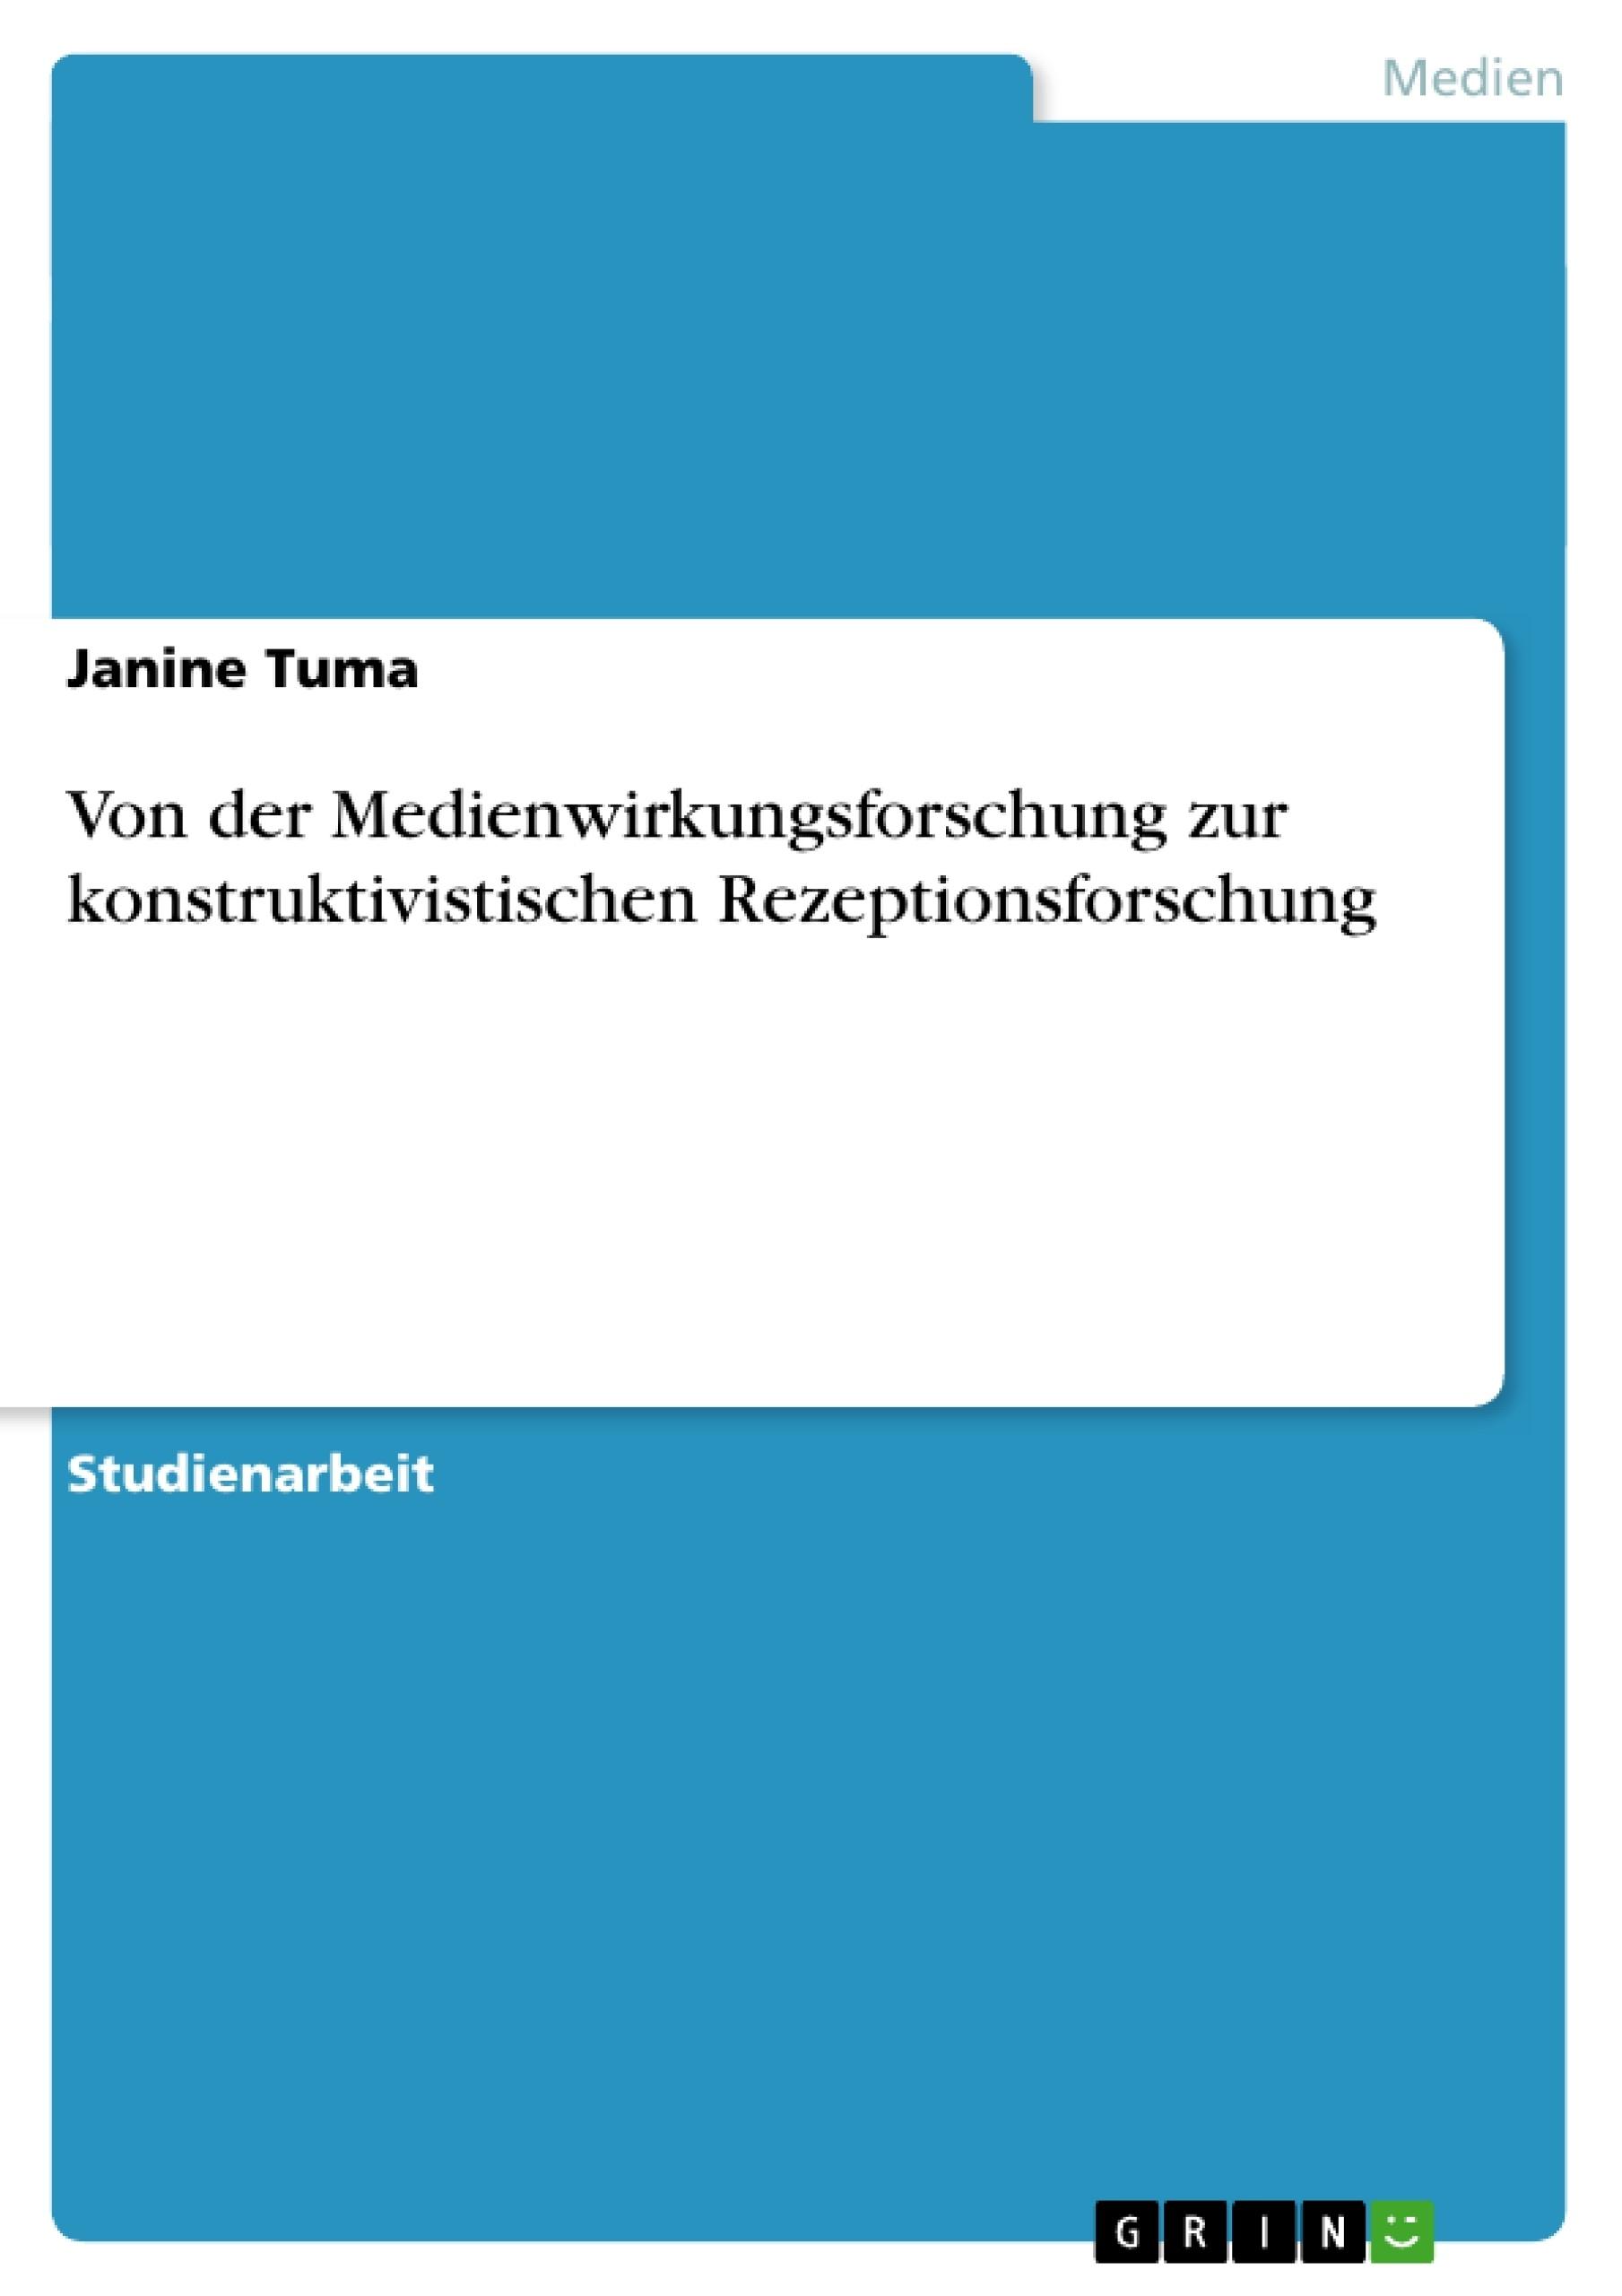 Titel: Von der Medienwirkungsforschung zur konstruktivistischen Rezeptionsforschung